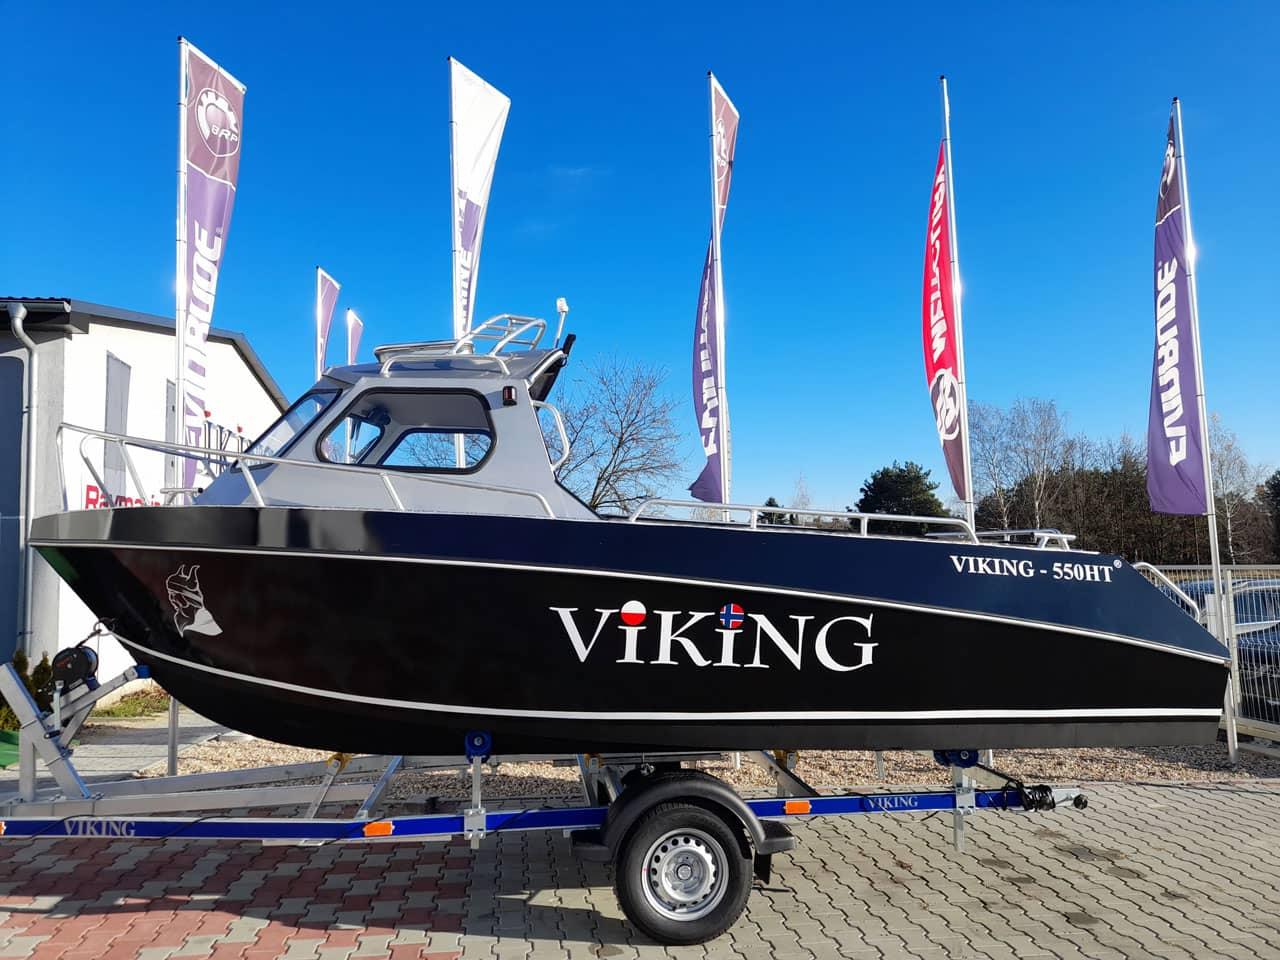 Viking 550ht